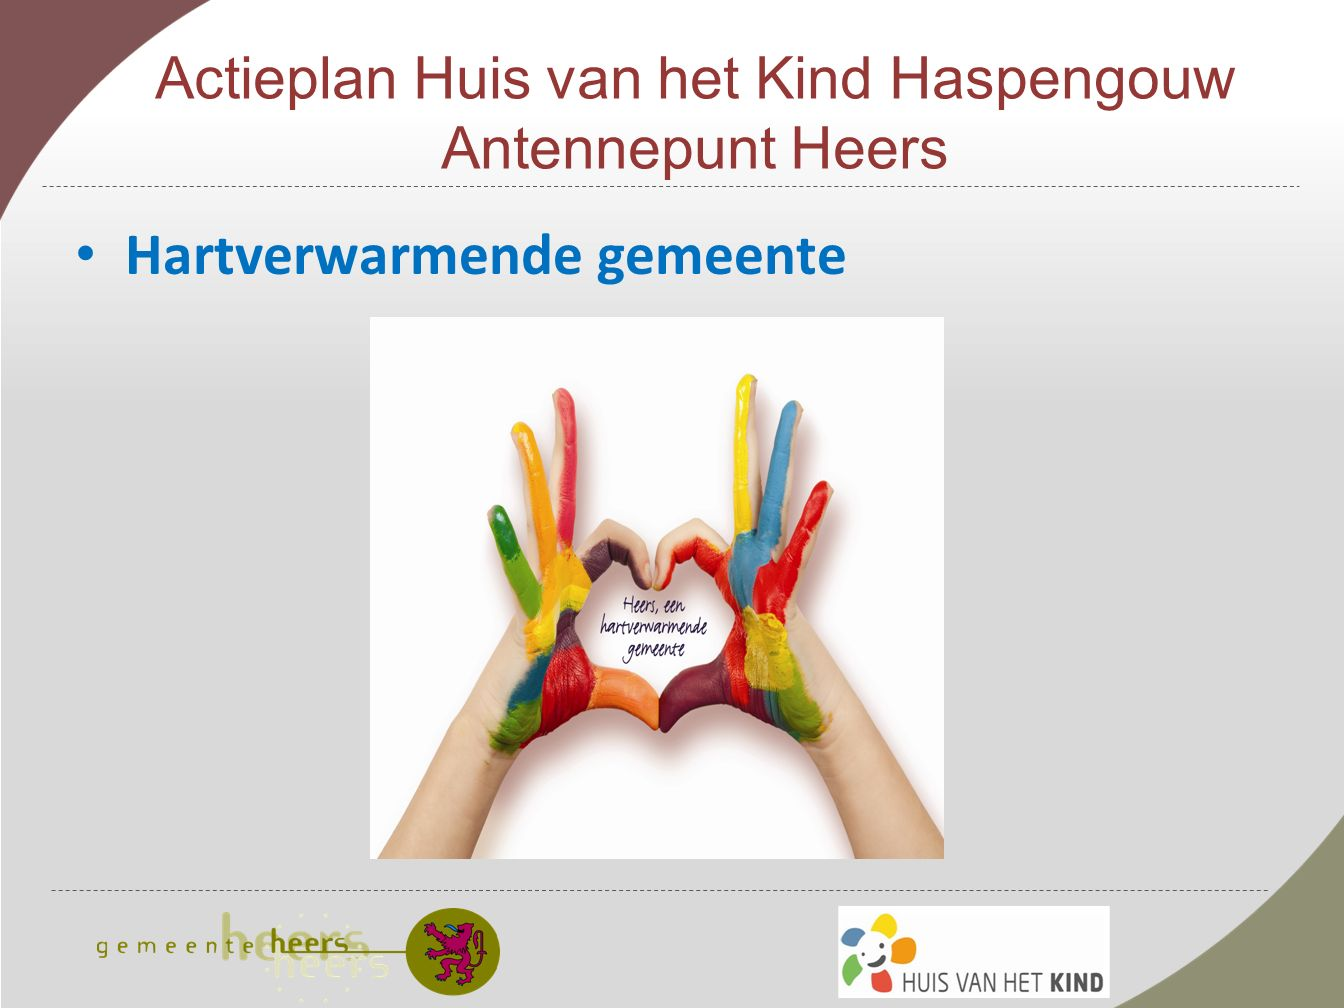 Actieplan Huis van het Kind Haspengouw Antennepunt Heers Hartverwarmende gemeente